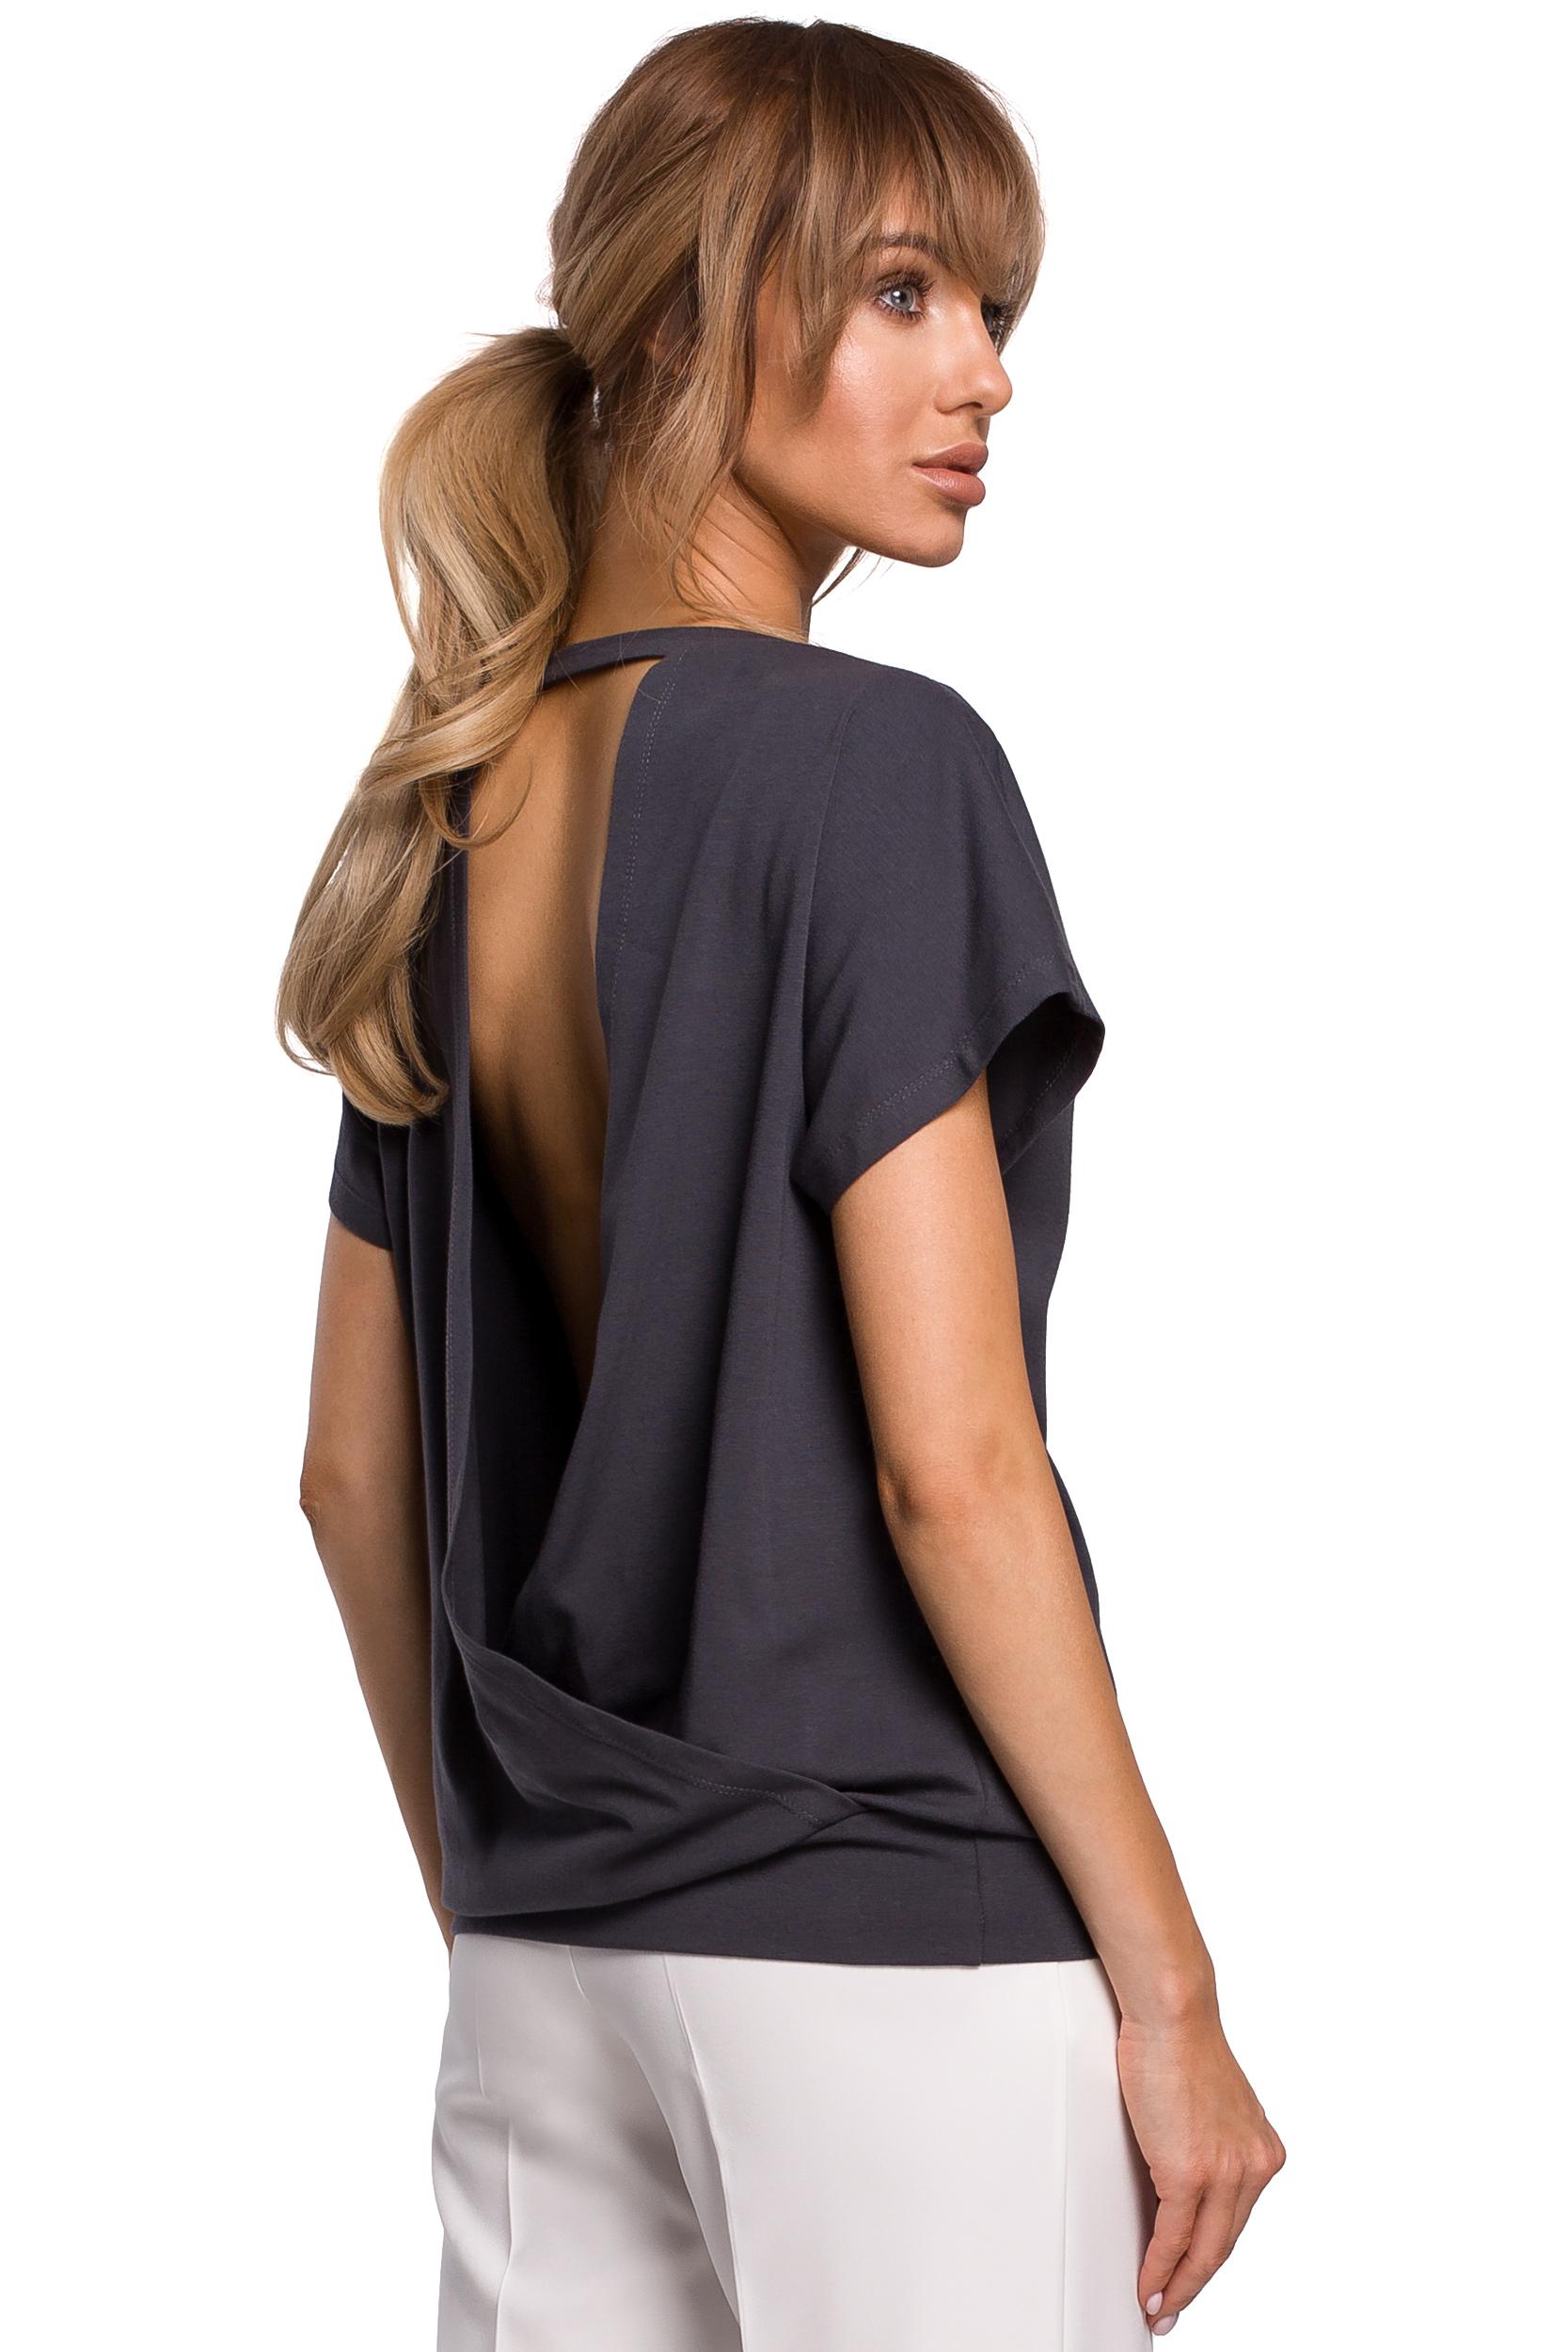 Mörkgrå T-shirt med öppen rygg